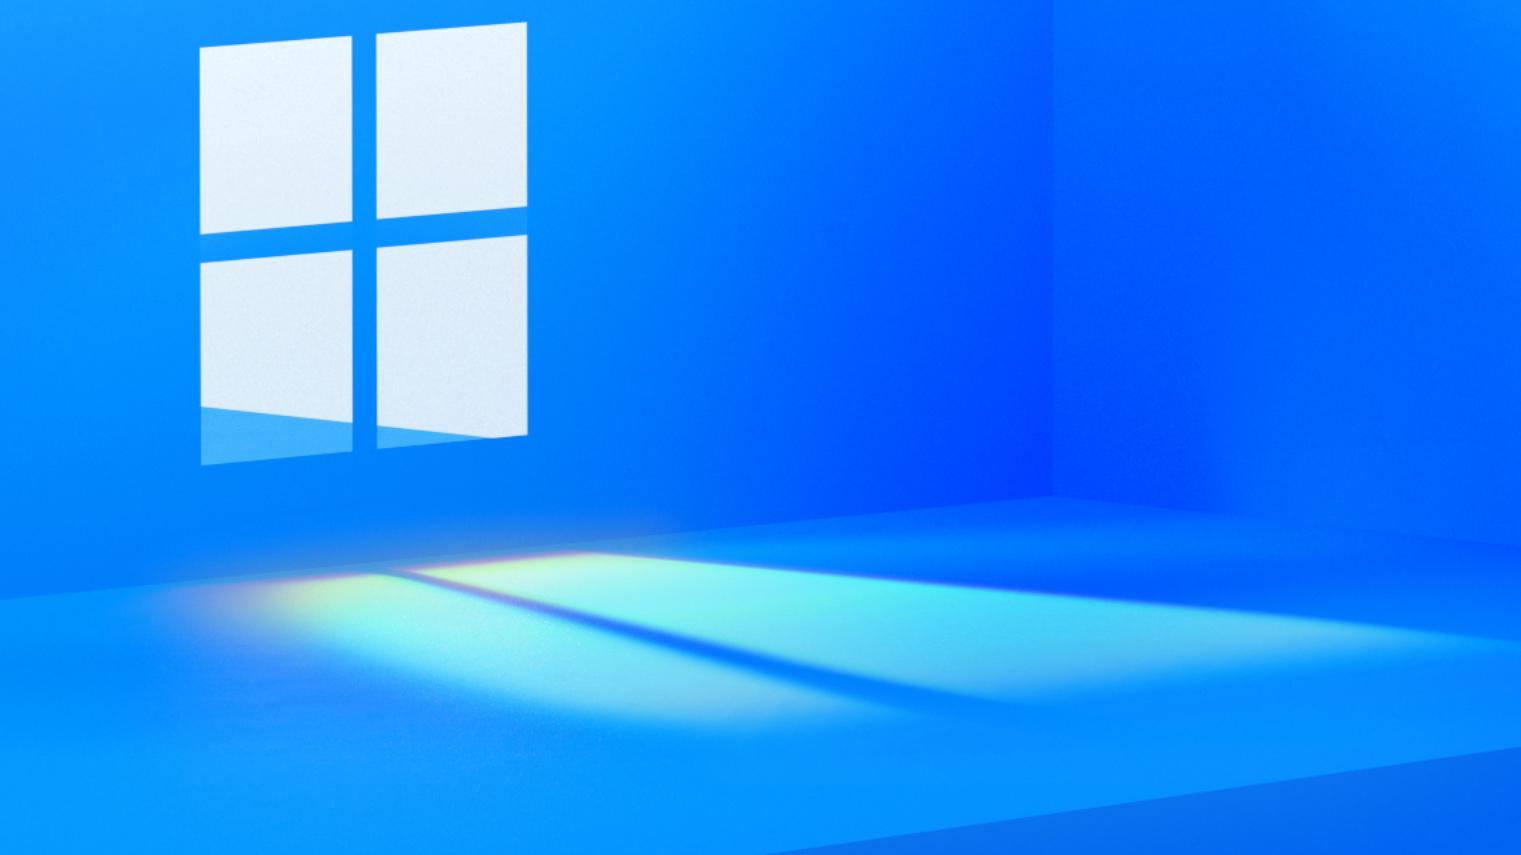 Betyr dette at Windows 11 er på vei? Microsoft har i alle fall satt datoen for når de skal kutte ut oppdateringer til Windows 10.